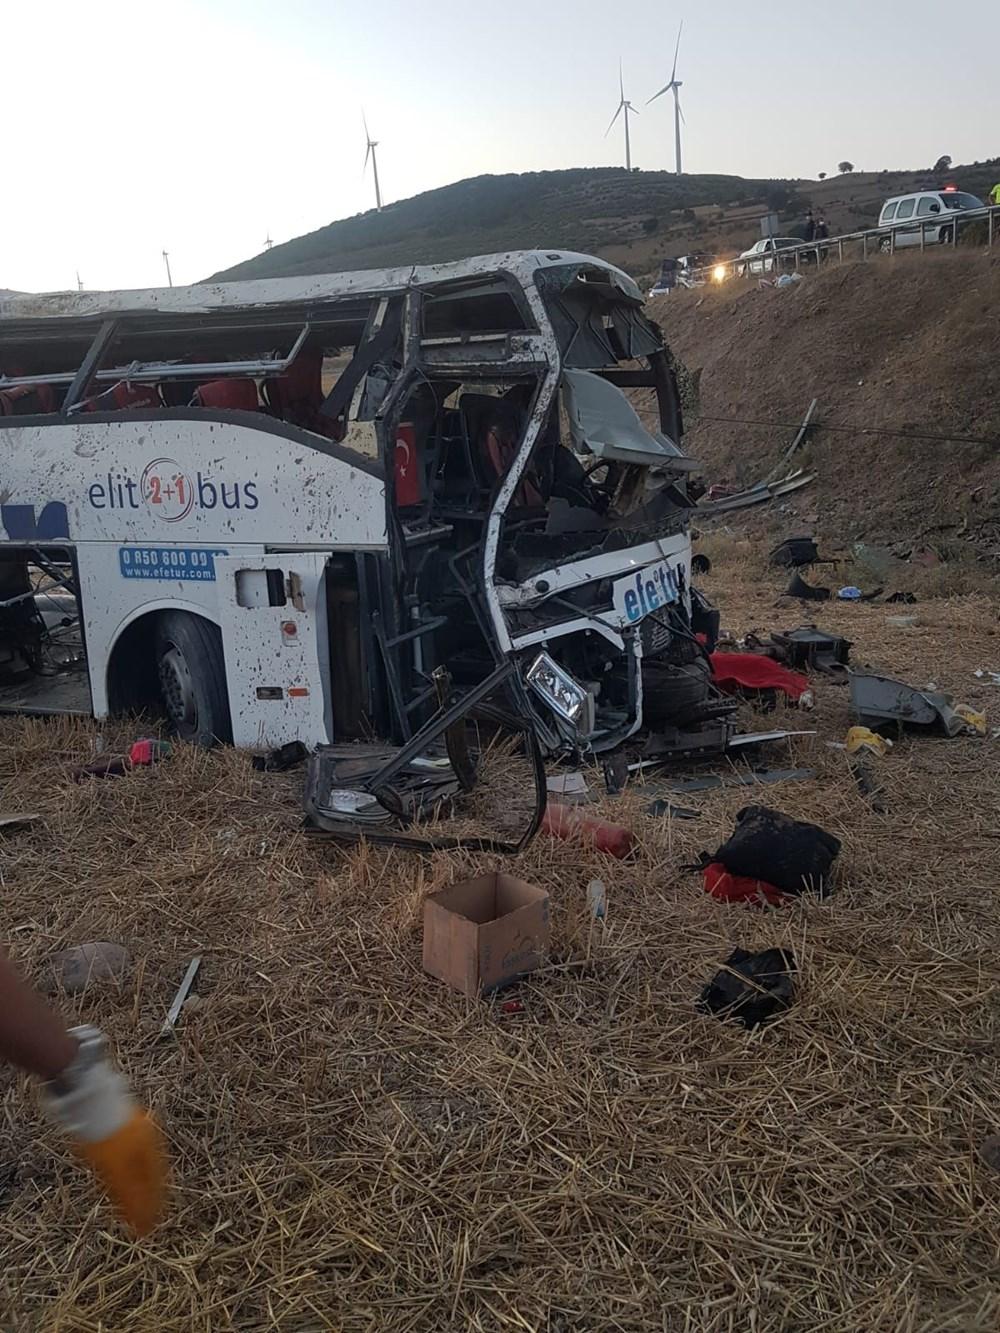 Balıkesir'de yolcu otobüsü devrildi: 14 kişi hayatını kaybetti - 4